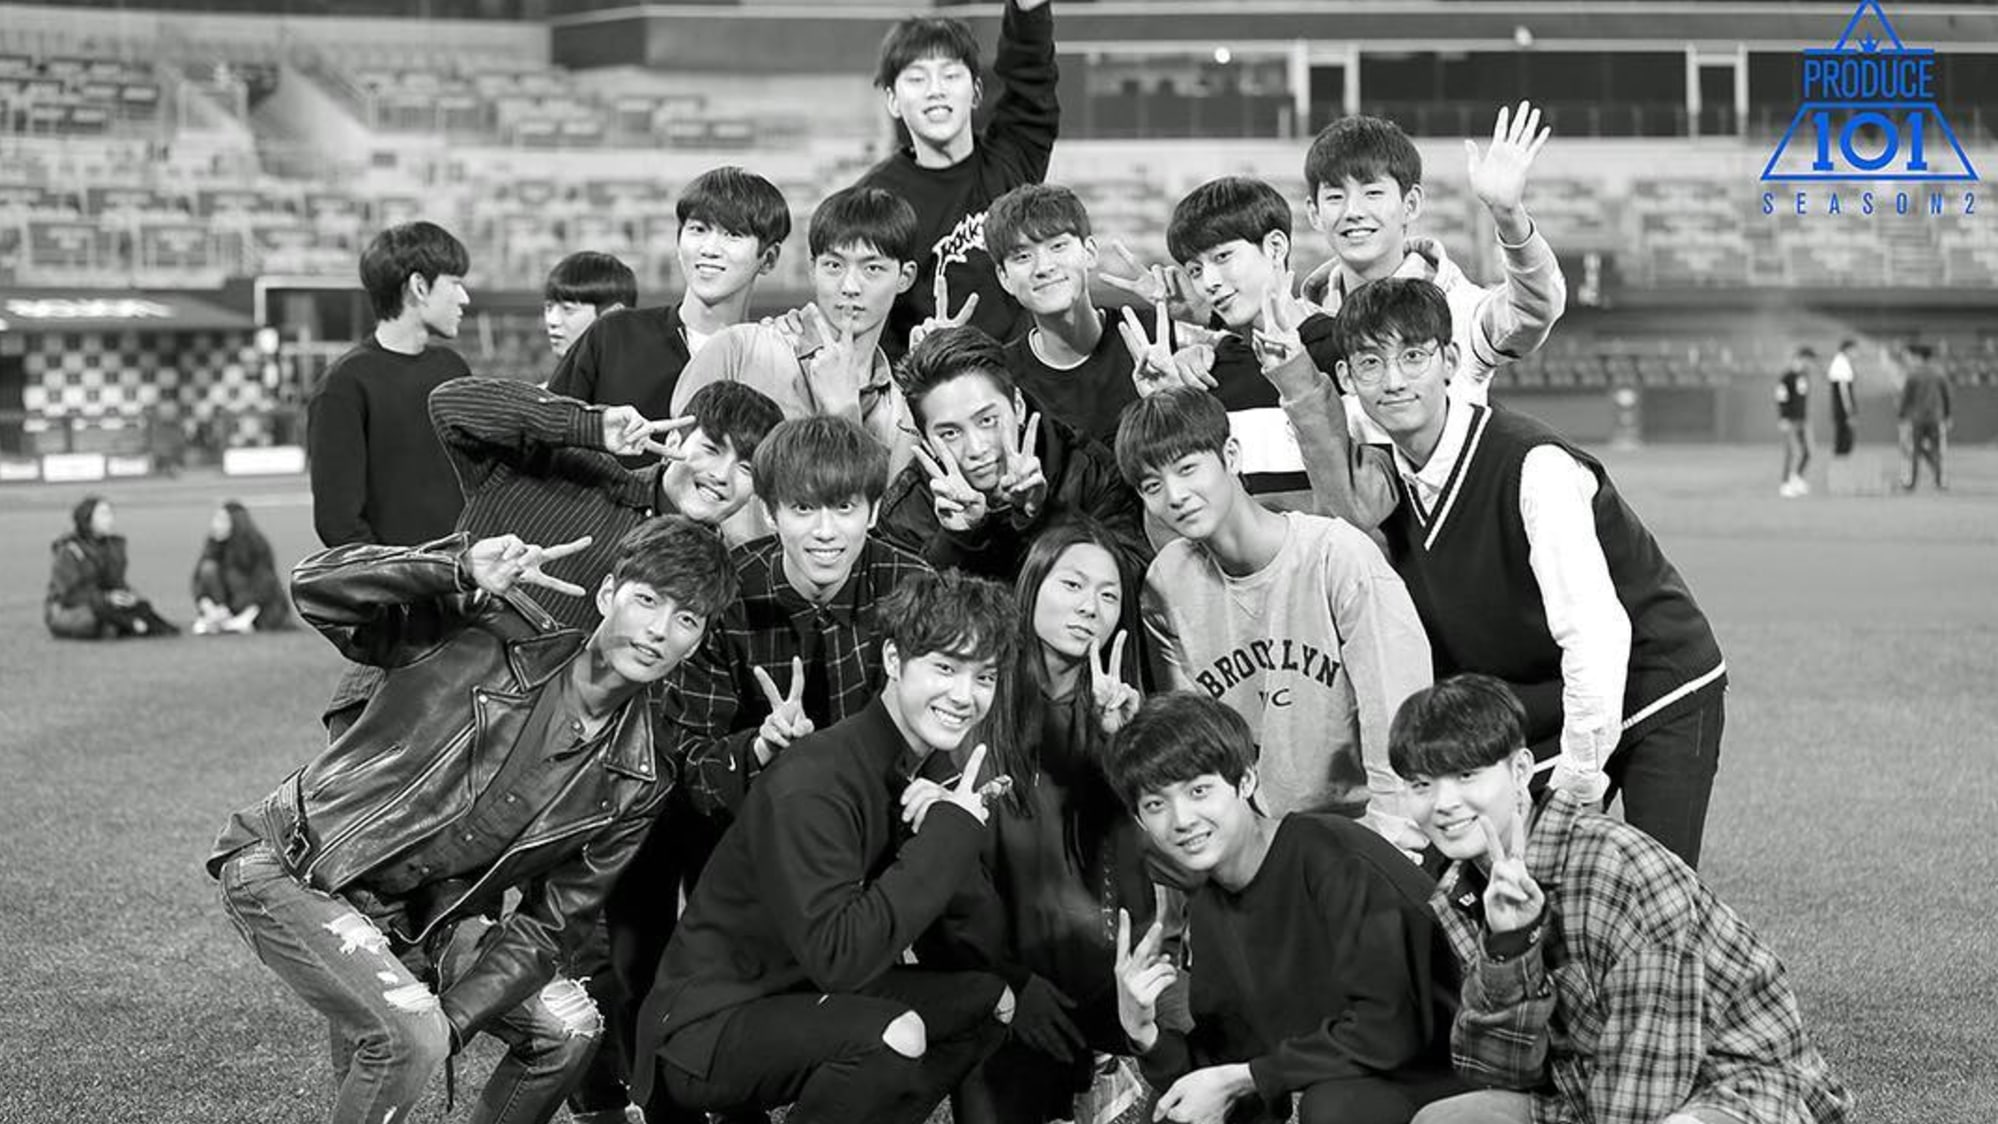 """Vote-Based Rankings From Week 2 Of """"Produce 101 Season 2"""" Revealed"""